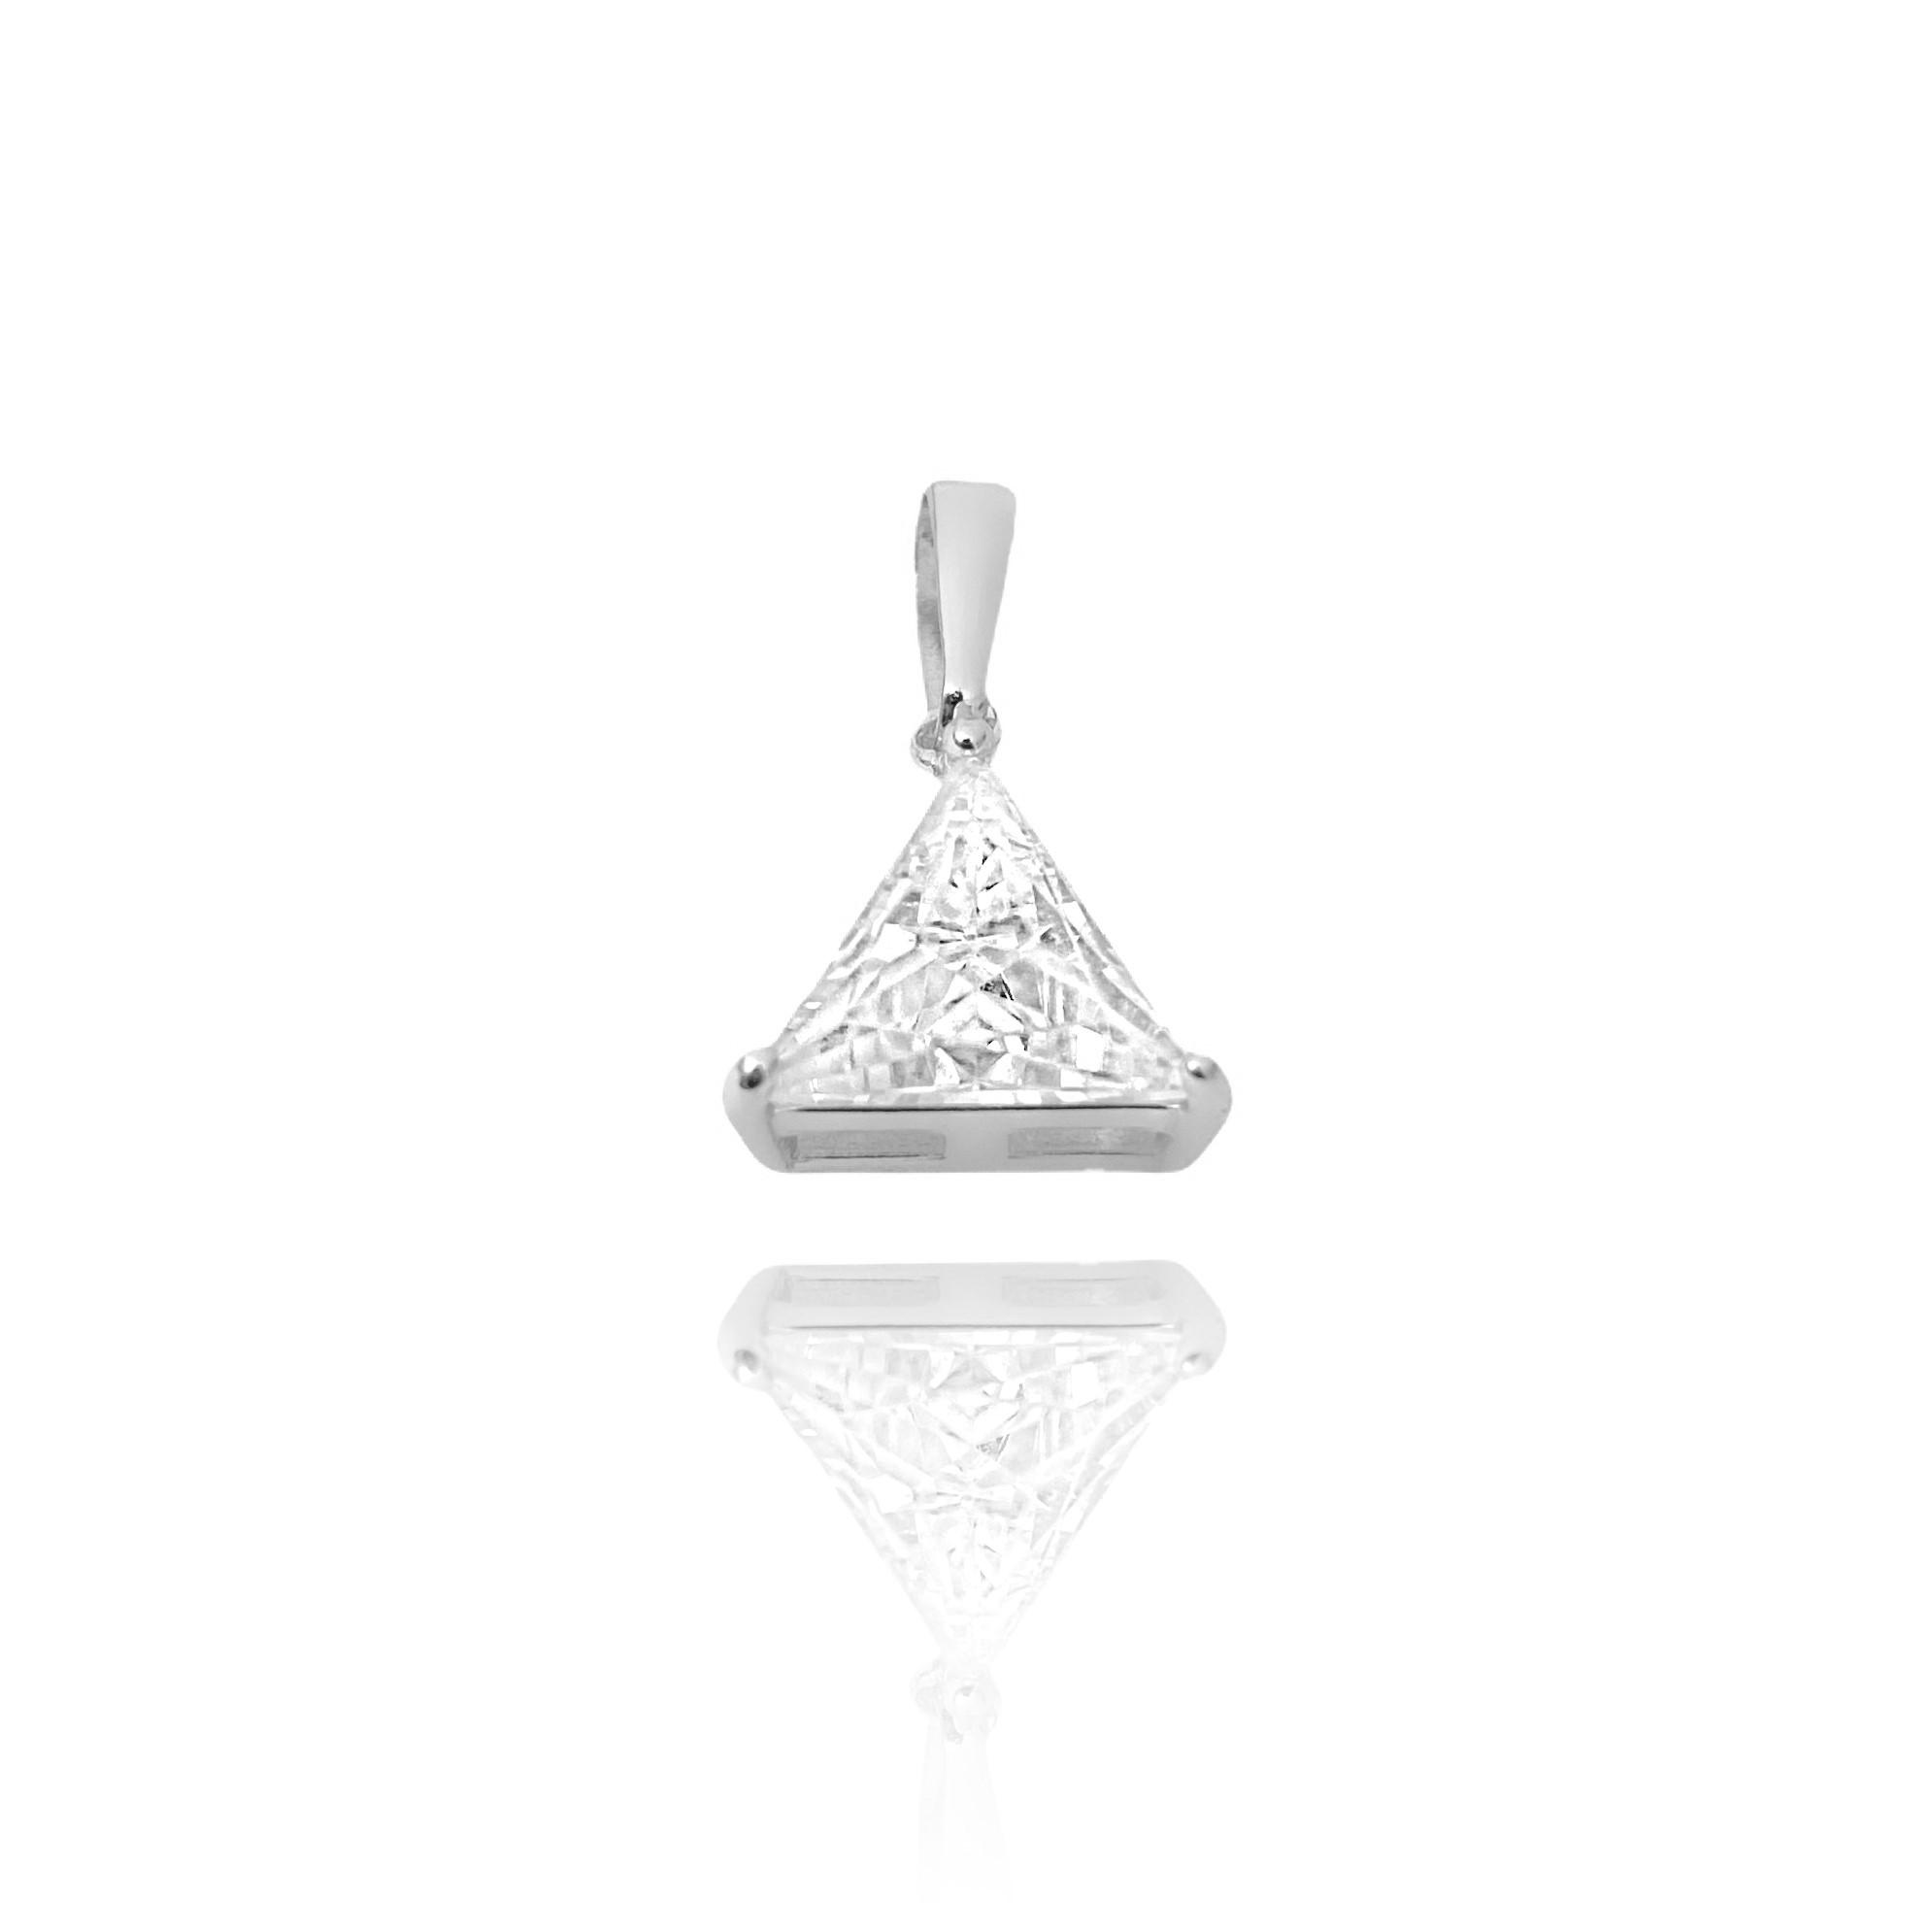 Pingente Triângulo Pedra Zircônia (1,5cmX1,2cm) (Banho Prata 925)